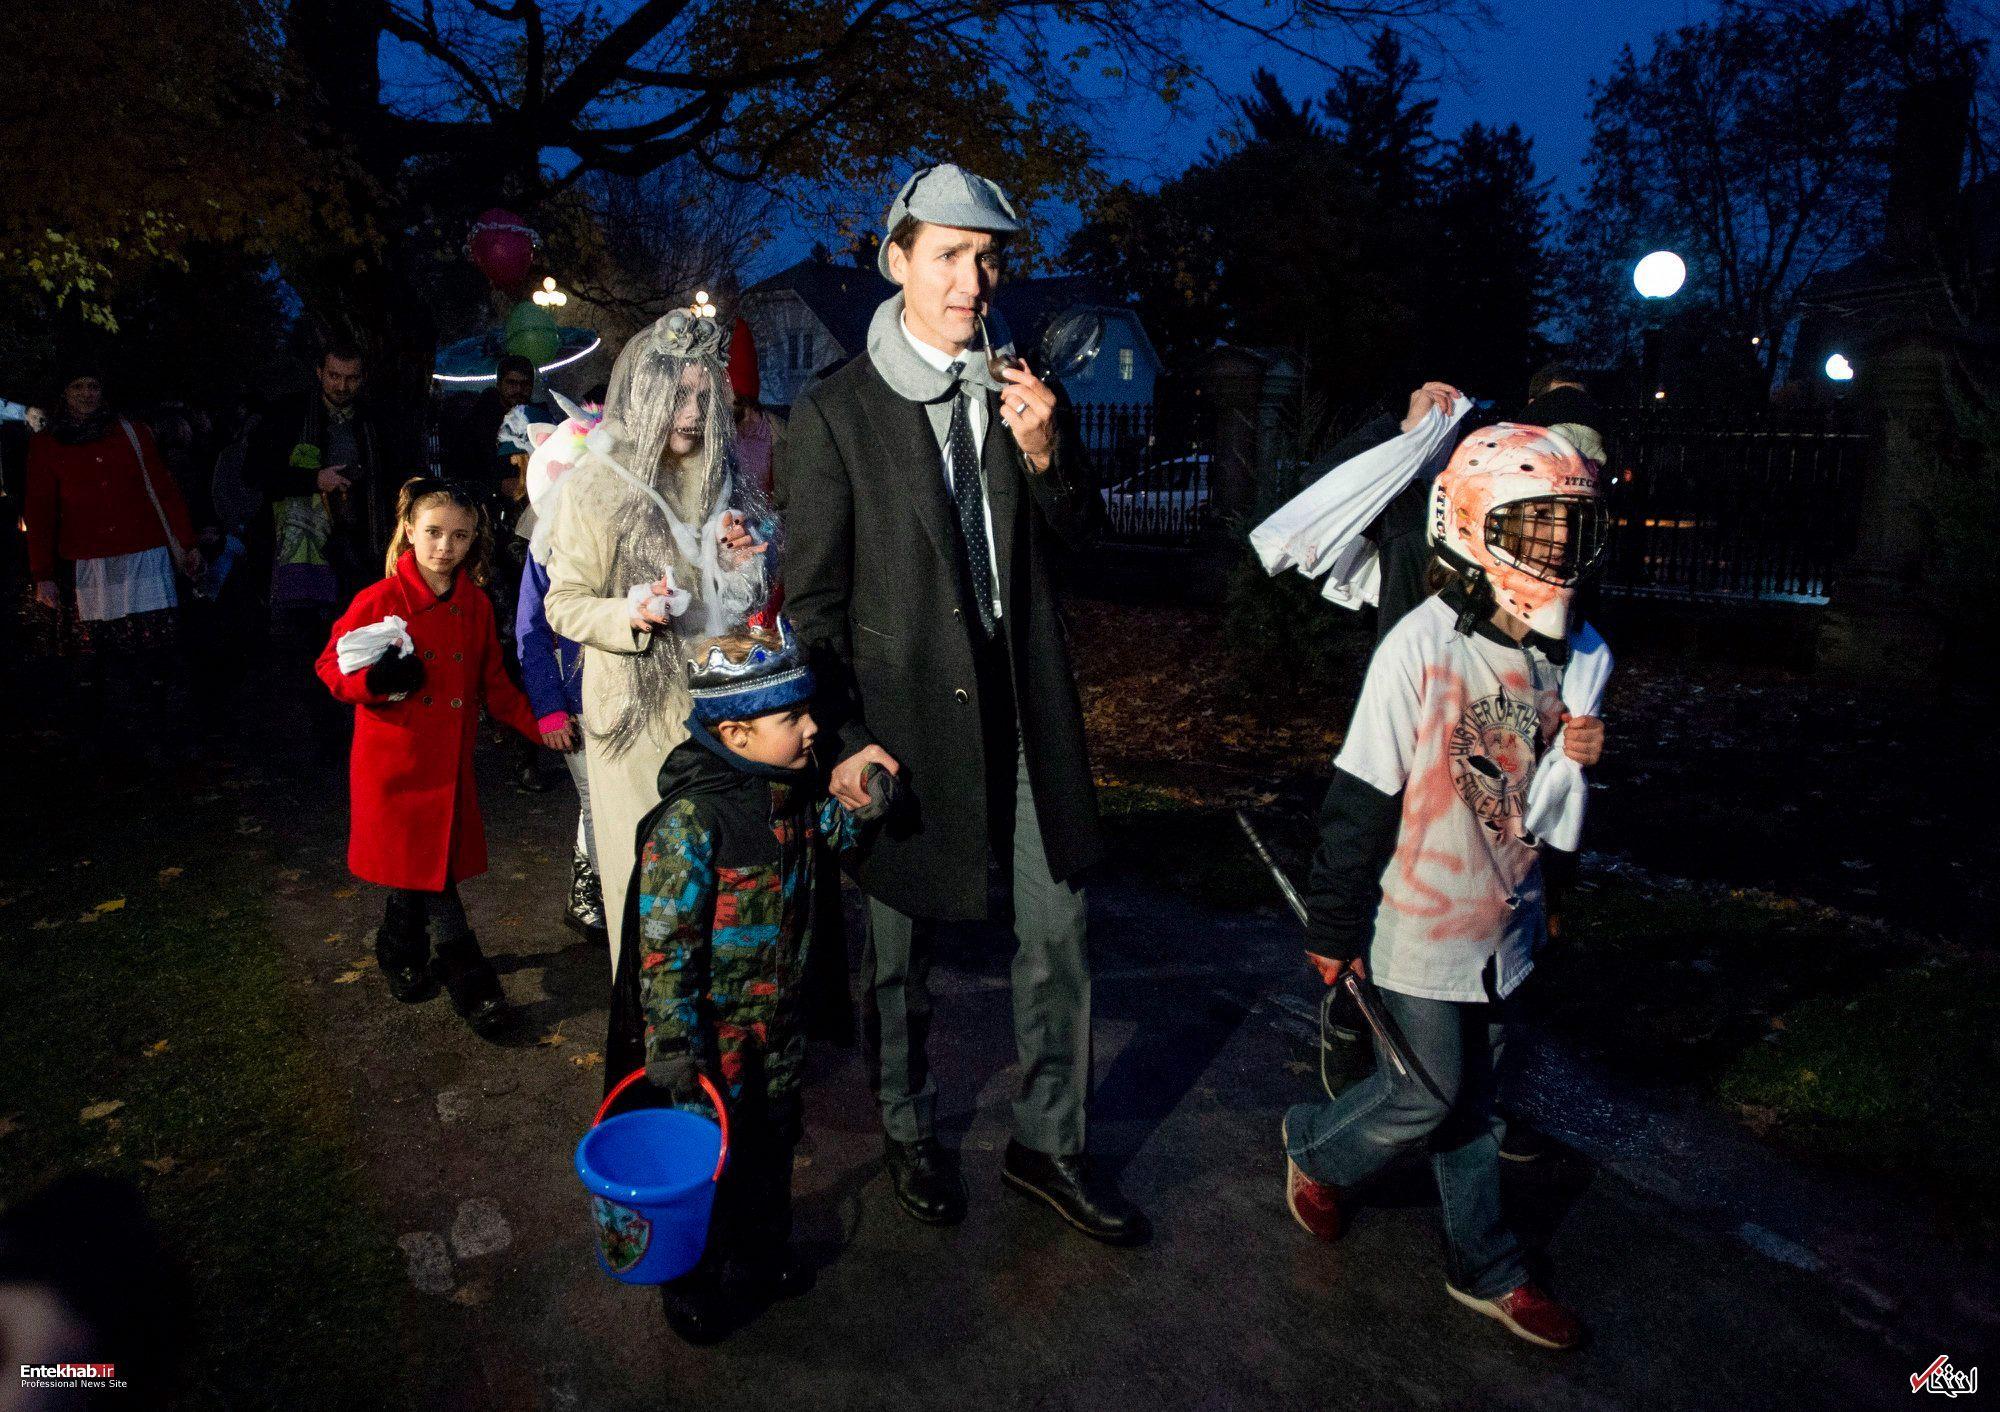 عکس/ ظاهر متفاوت نخست وزیر کانادا و همسرش در جشن هالووین